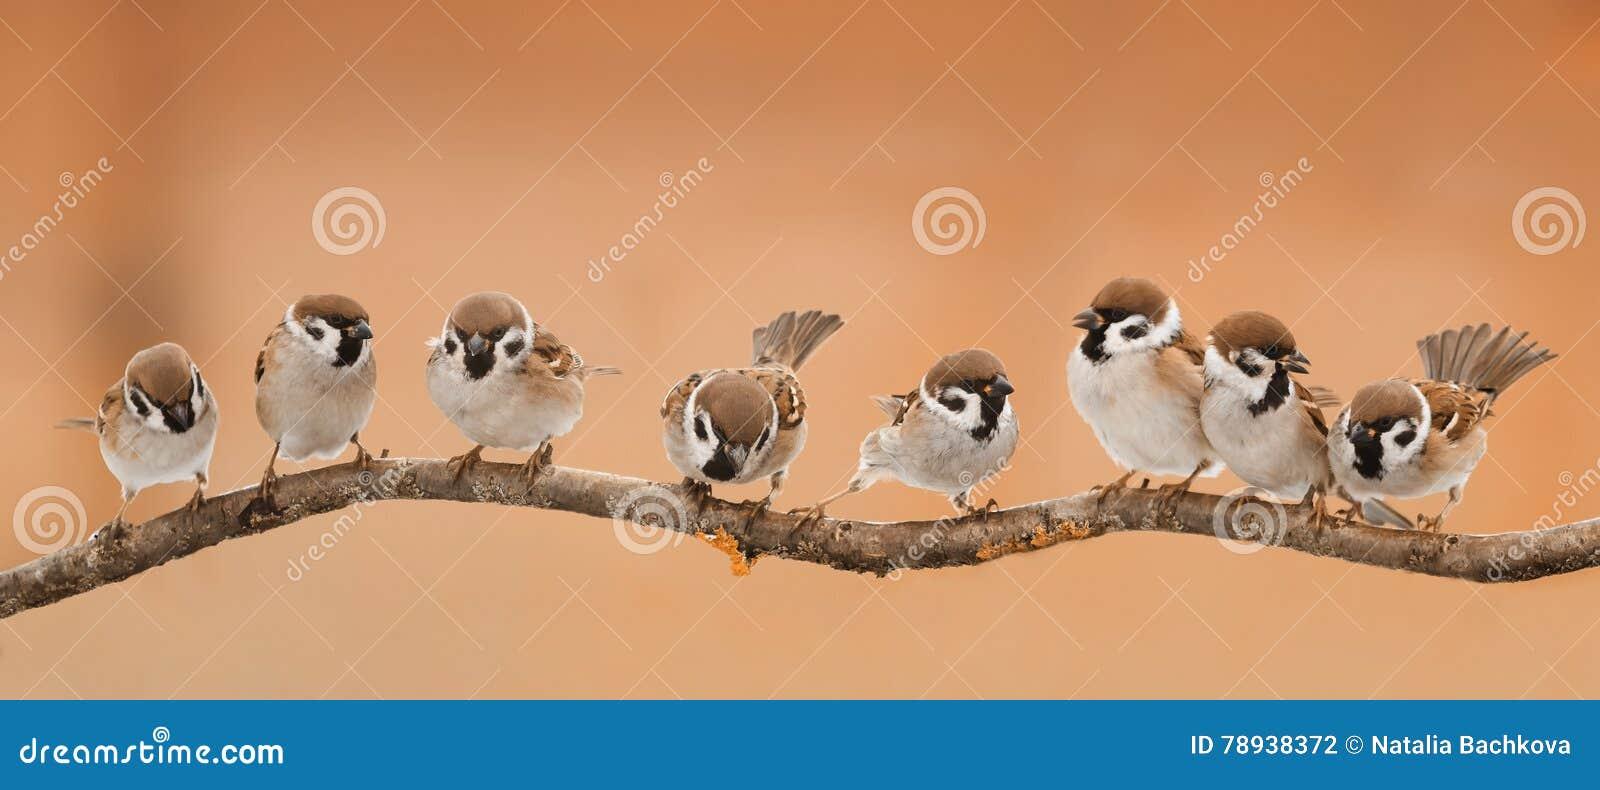 Los kleine lustige Vögel, die auf einer Niederlassung sitzen